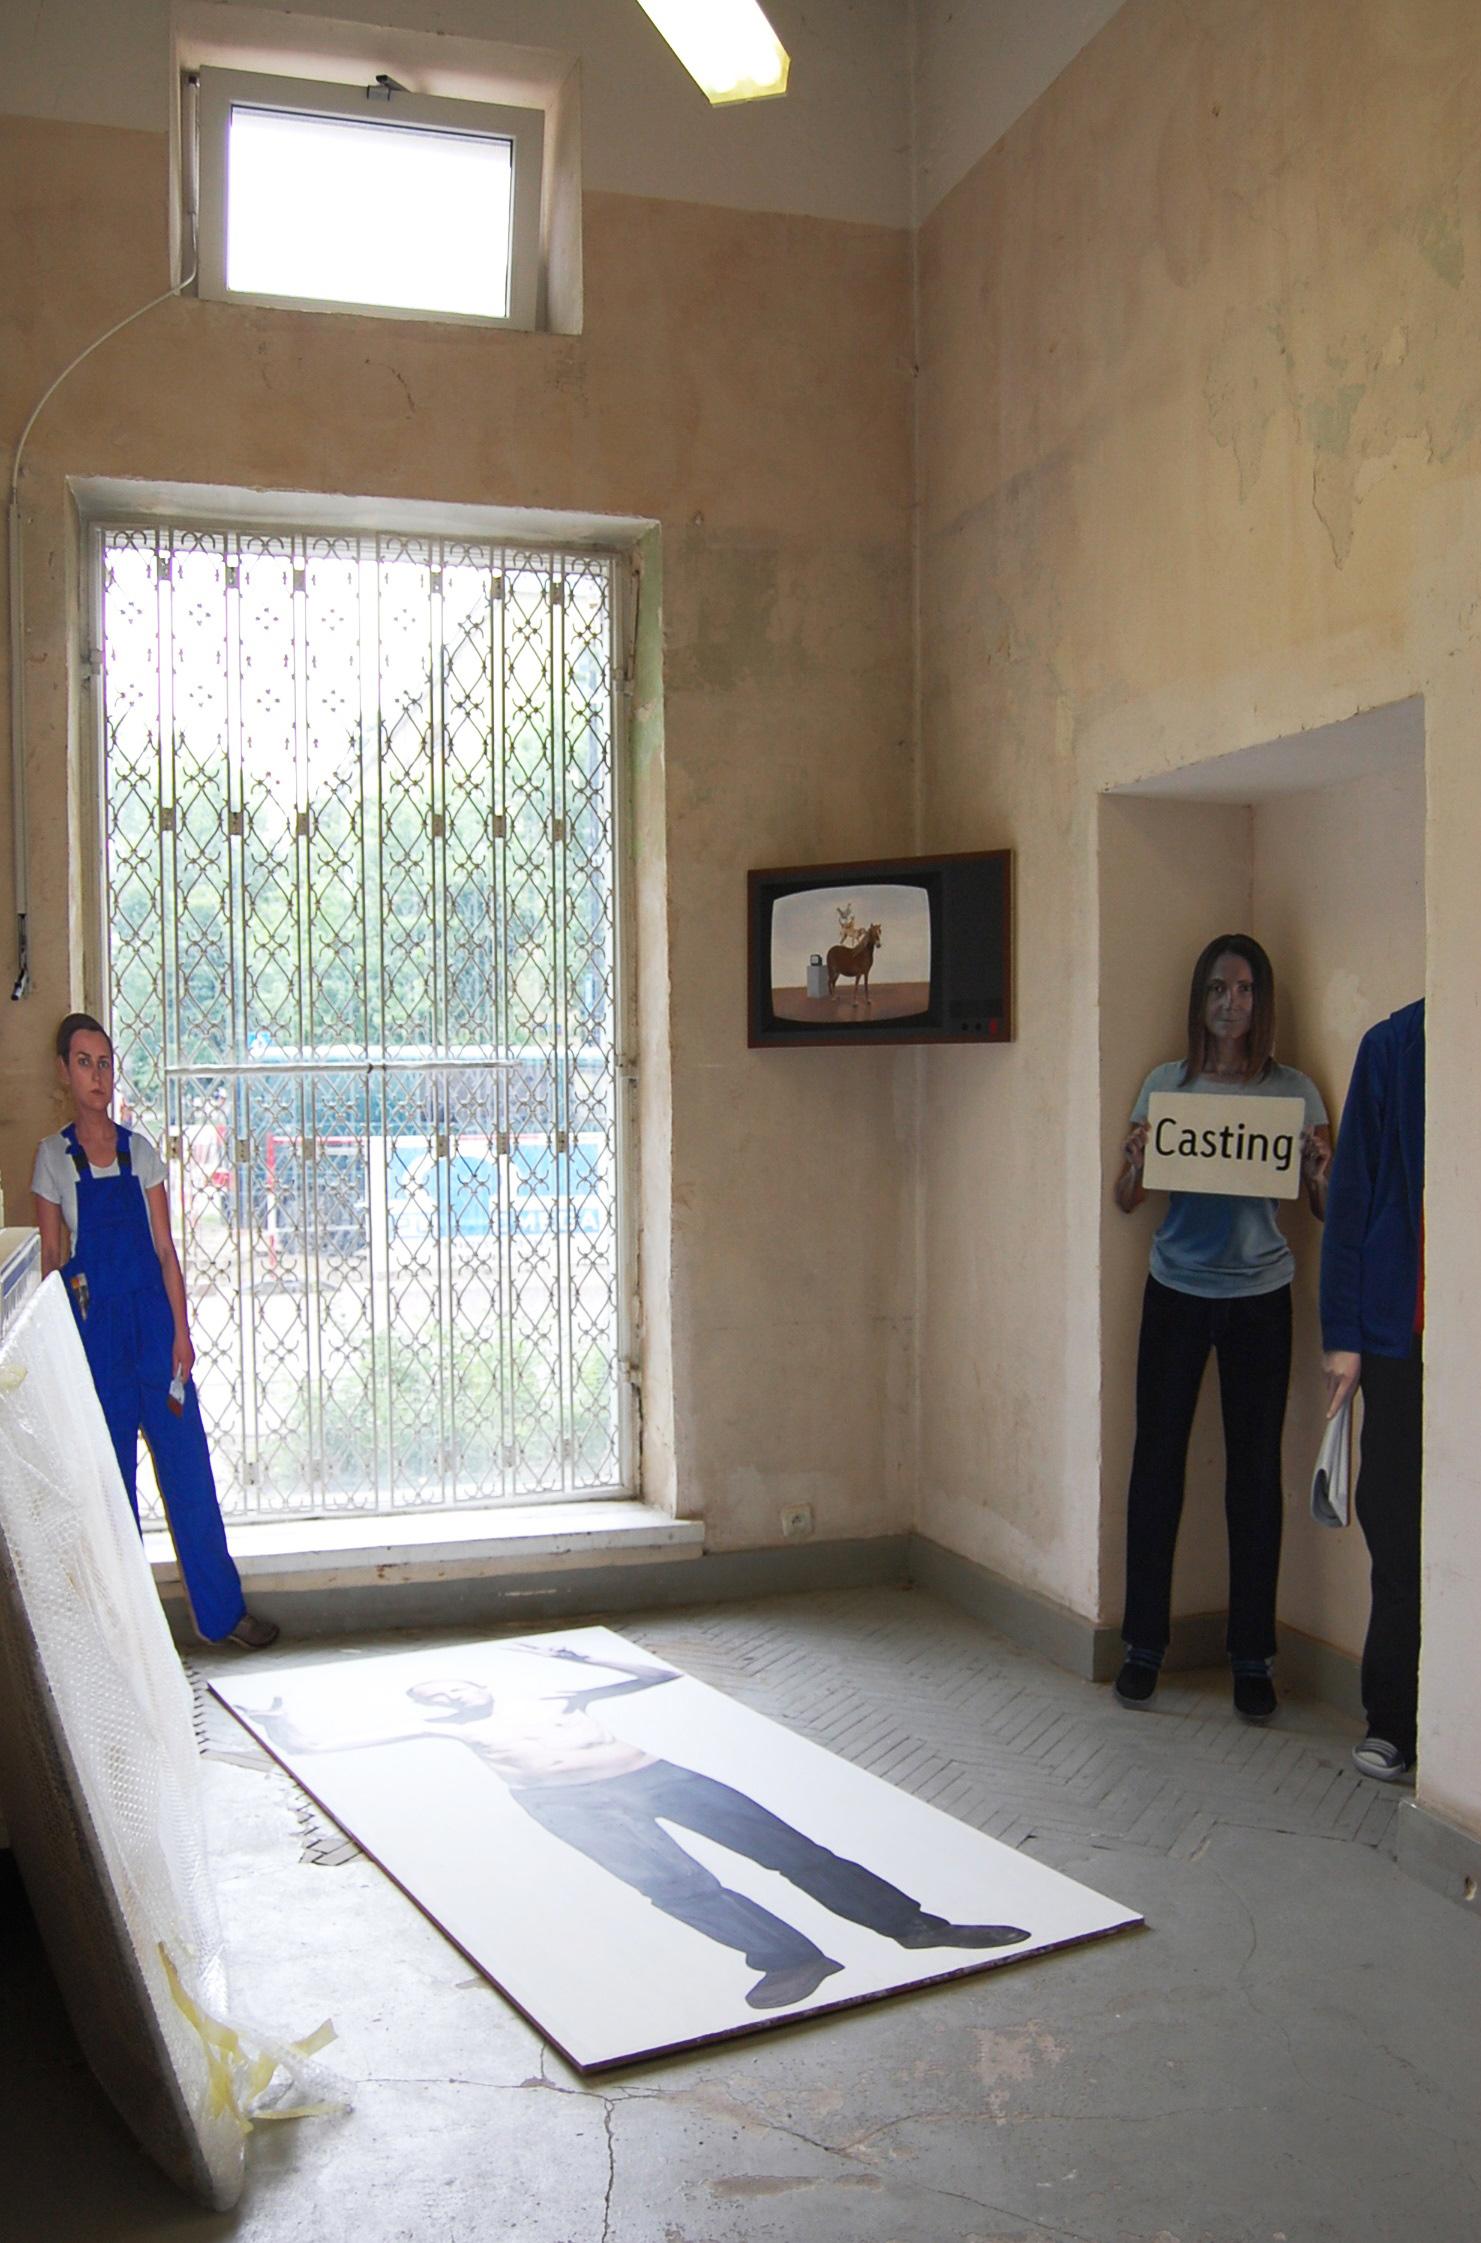 Anna Sudoł, Jak sztuka zniszczyła mi życie, widok wystawy